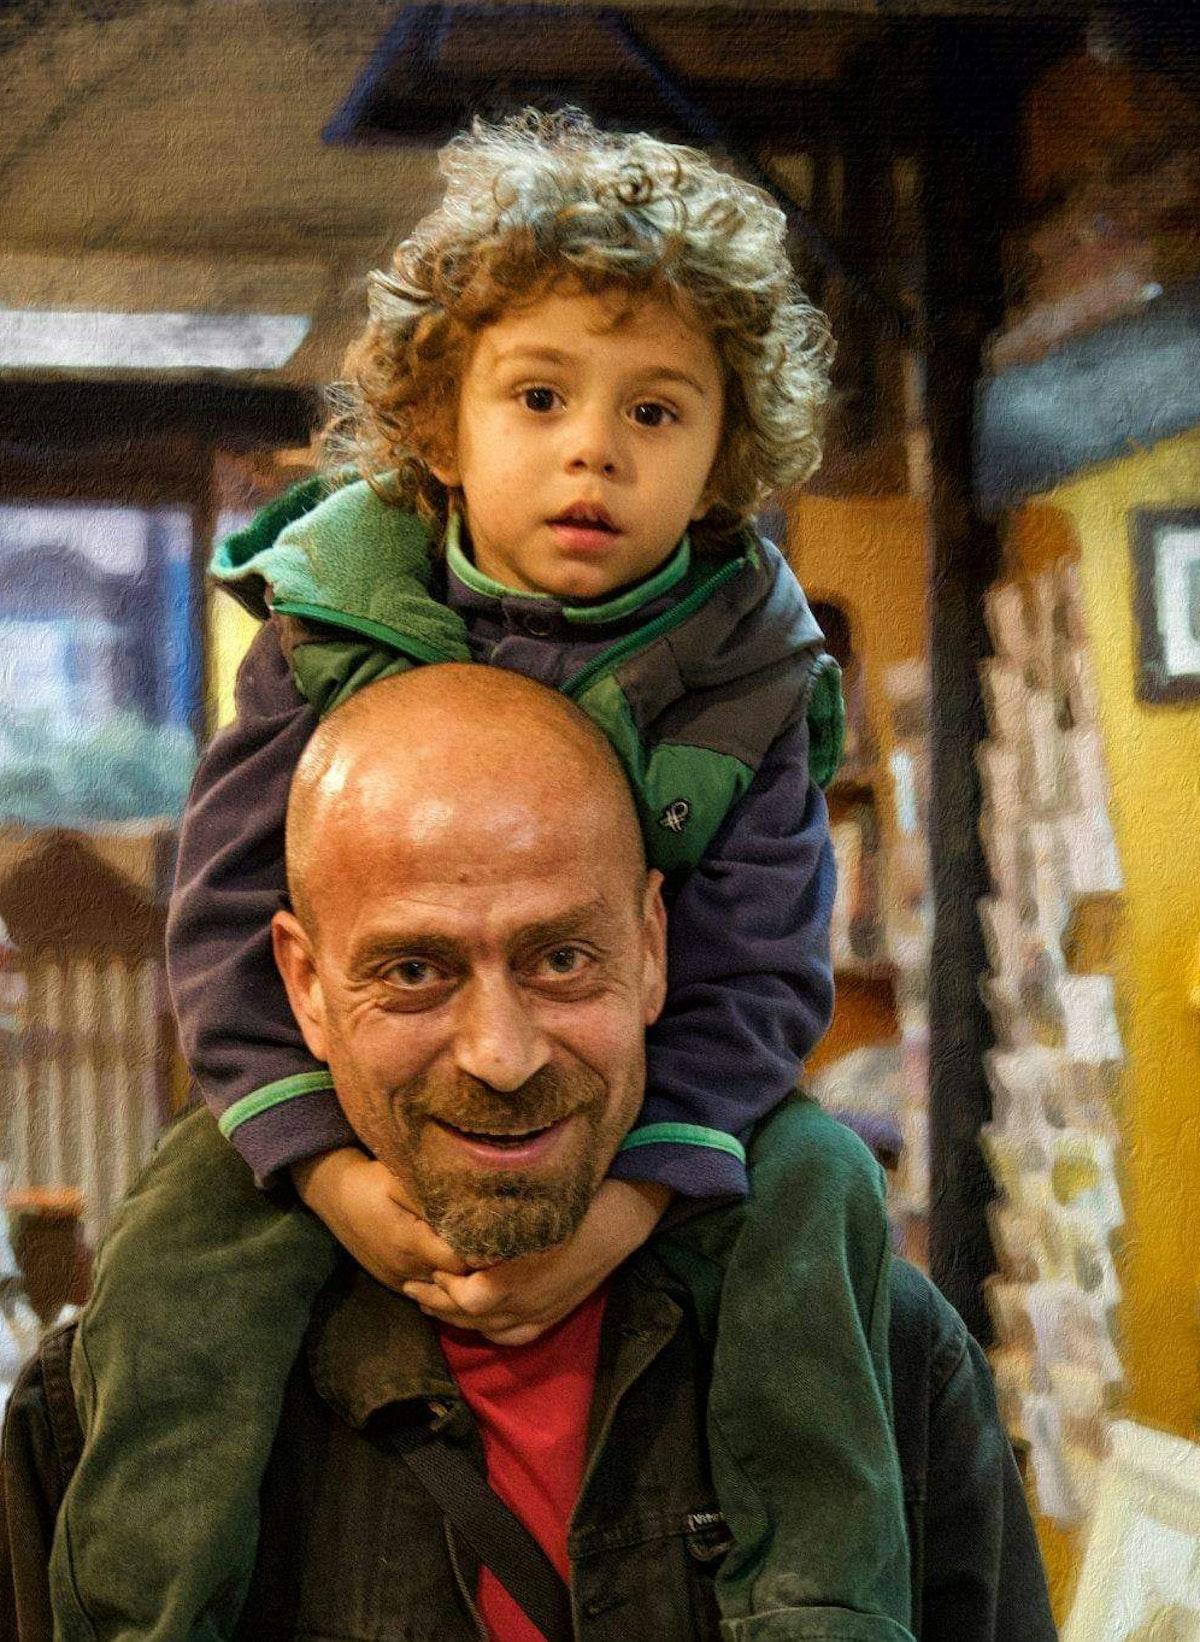 الفنان المصري الأرميني فاهان تلبيان وهو يحمل ابنه كيان - الشرق